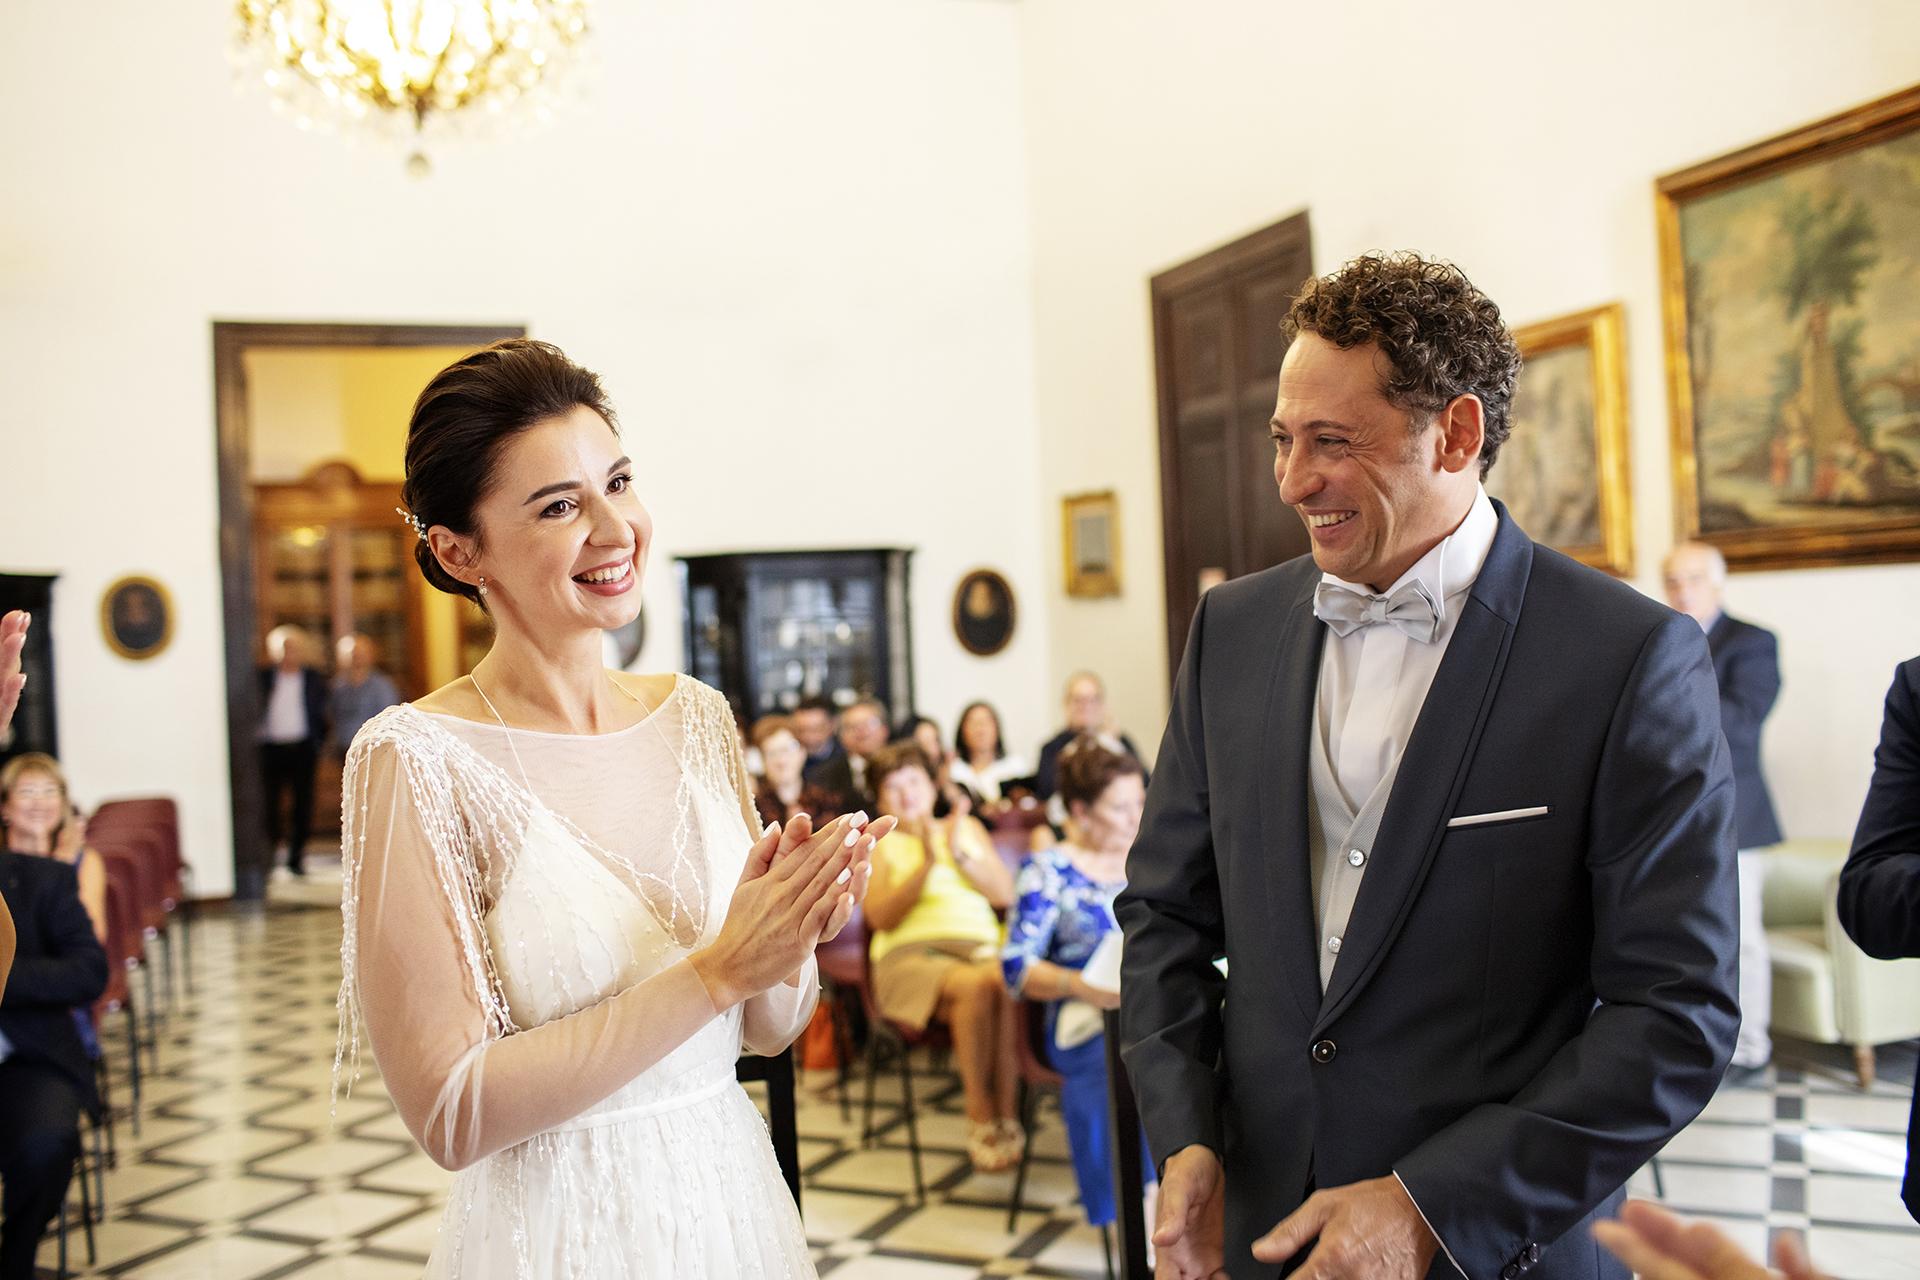 Trapani, Sicilië, Italië Elopement Fotograaf | Tijdens de huwelijksceremonie van het gemeentehuis waren er mooie momenten van emotie. Veel glimlachen volgen elkaar op.